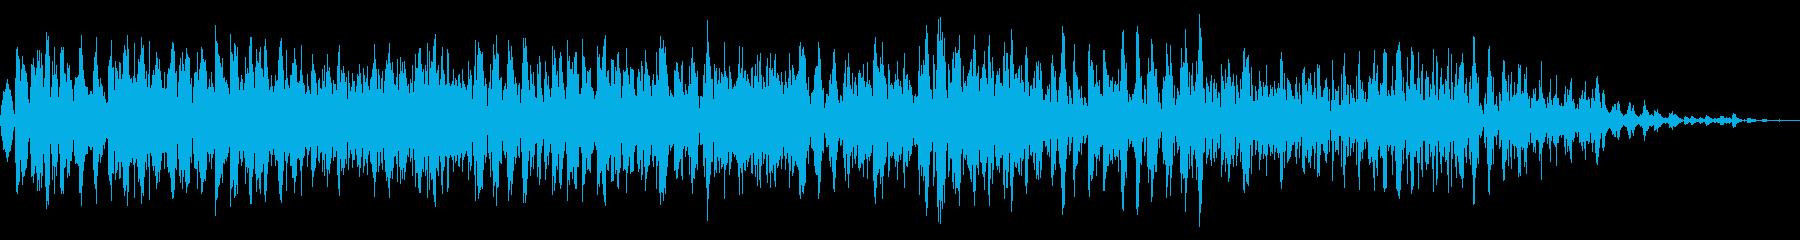 厳しいザップの再生済みの波形